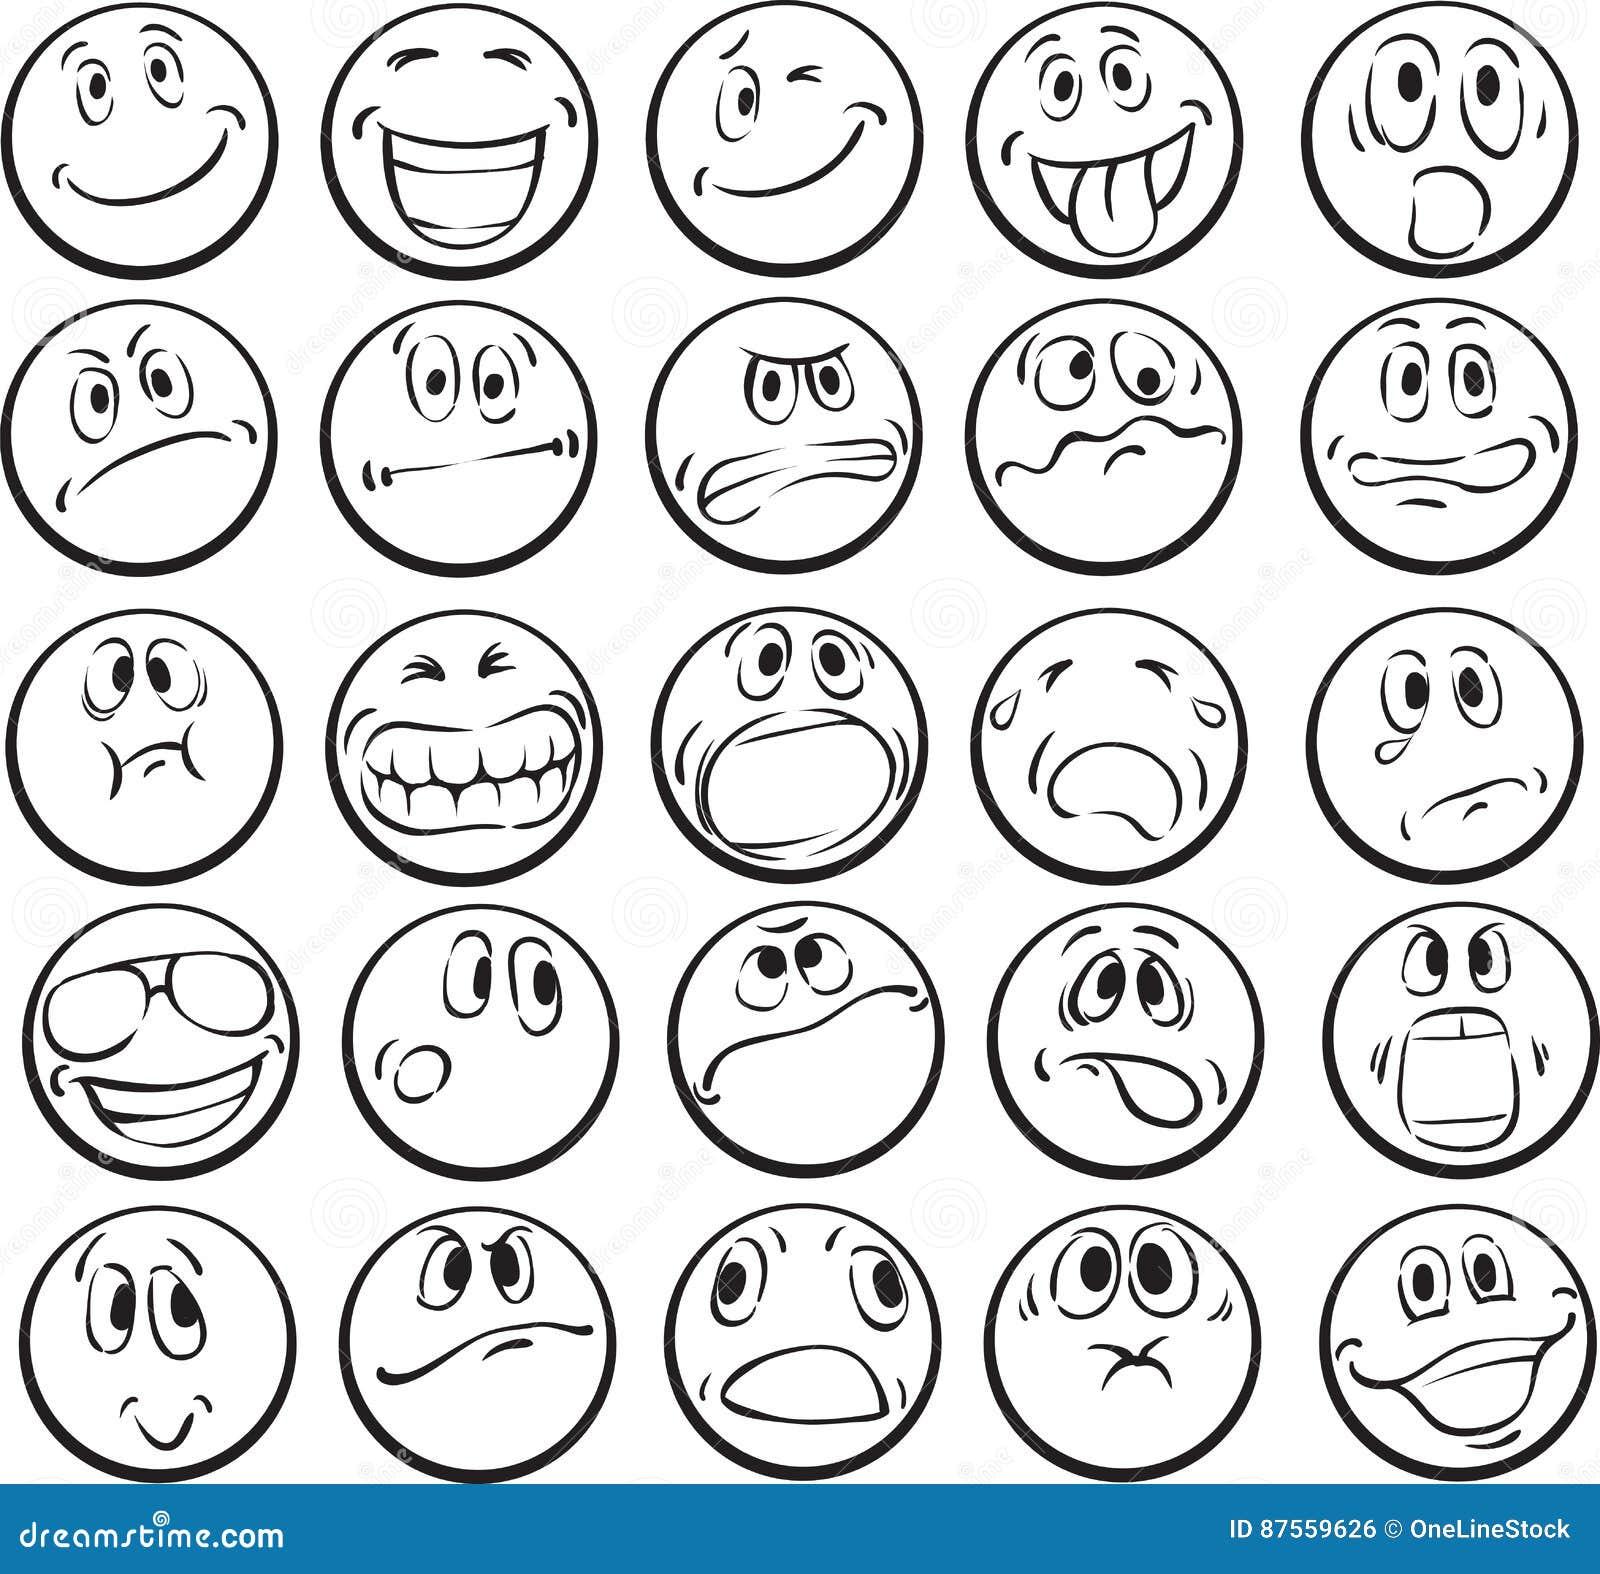 Disegni Da Colorare Delle Emoji Coloratutto Website